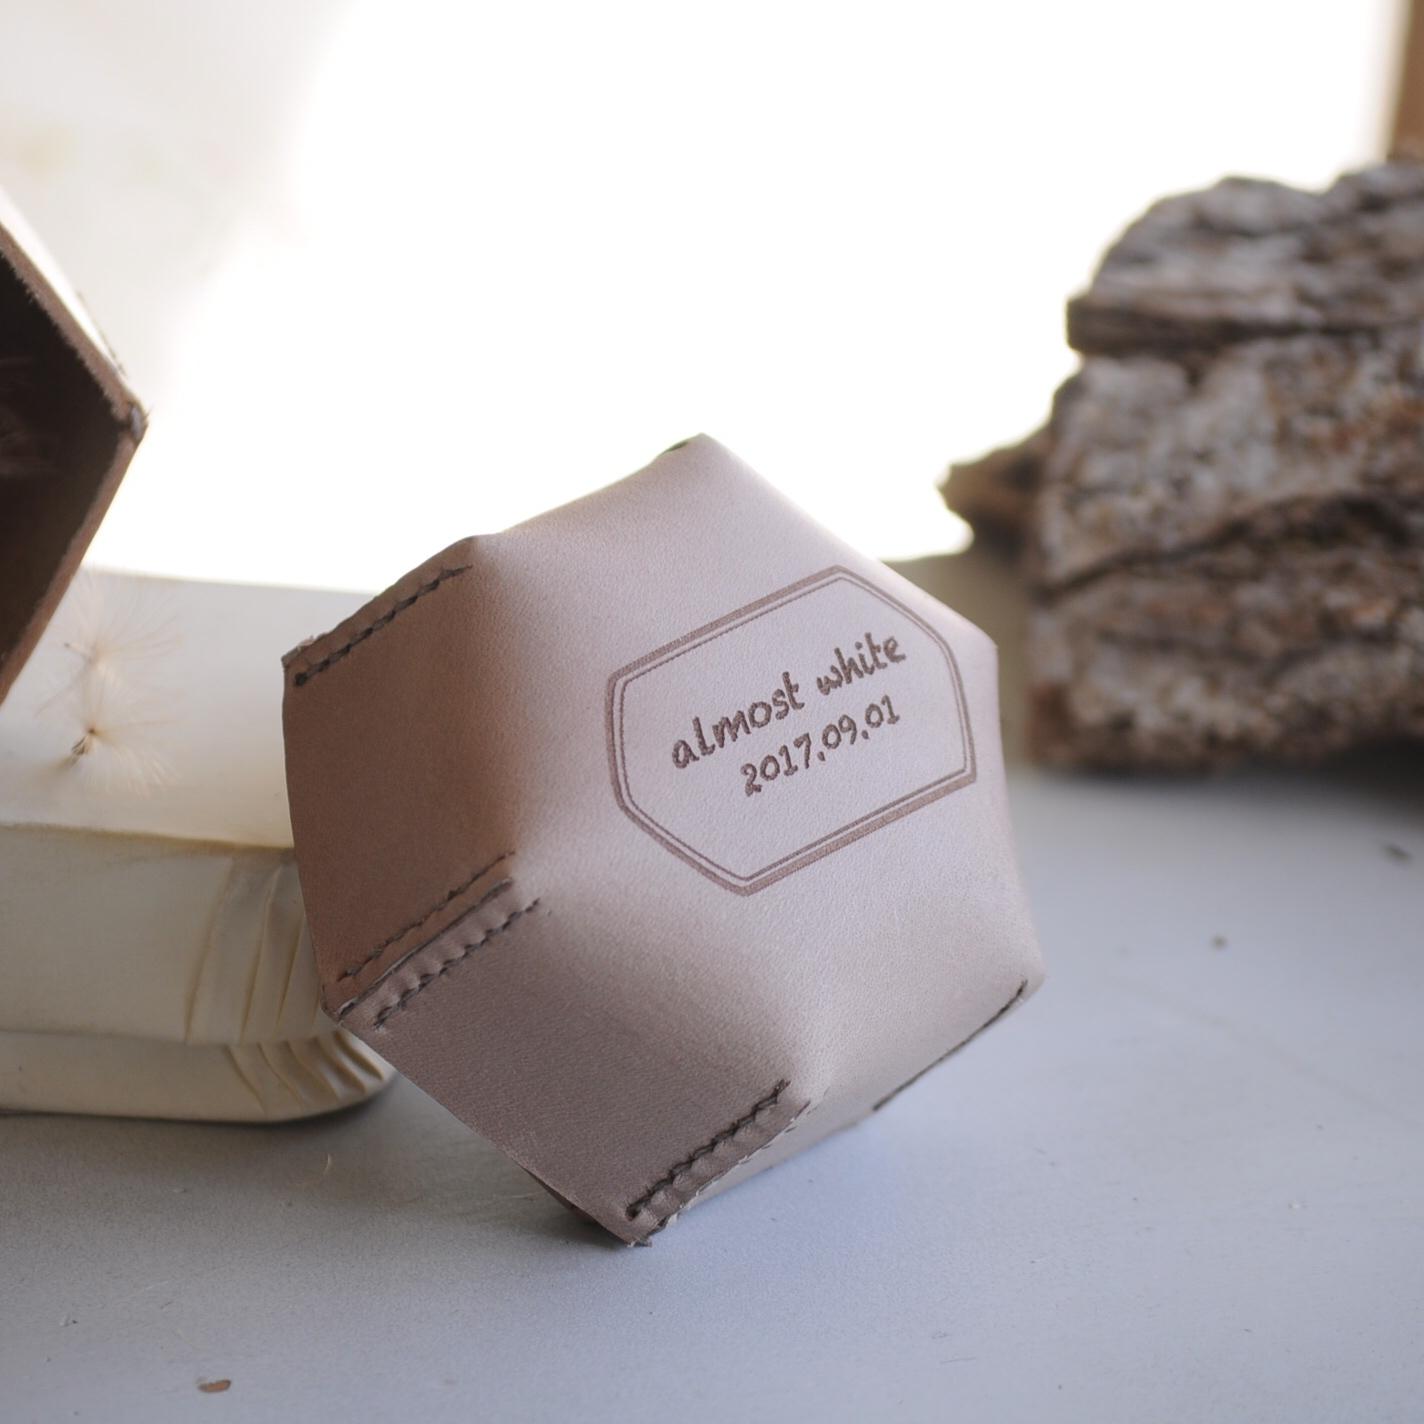 オリジナルボックス | 革の六角形ボックス